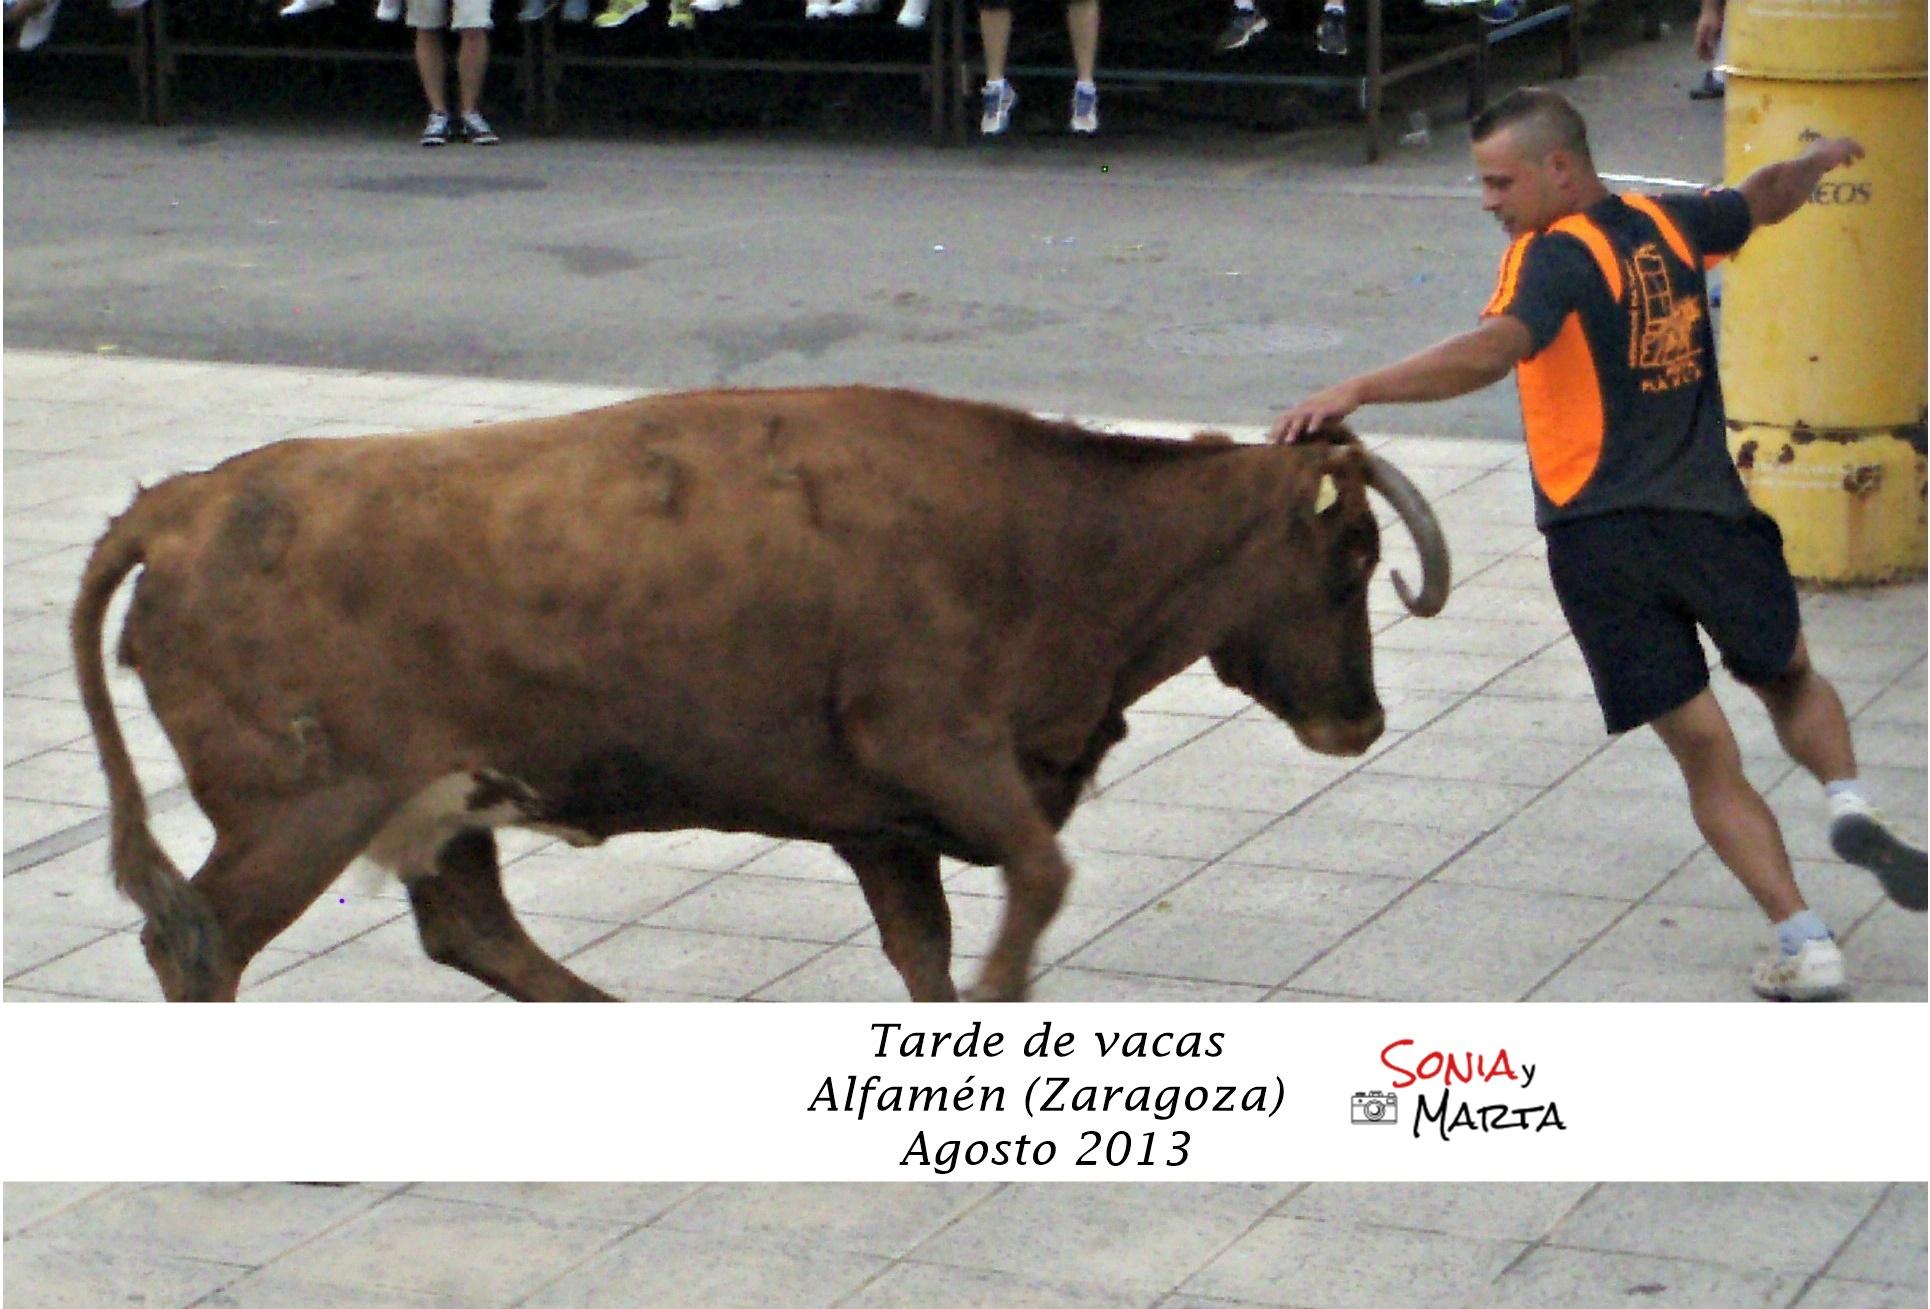 ALFAMEN - ZARAGOZA AGOSTO 2013 (1)